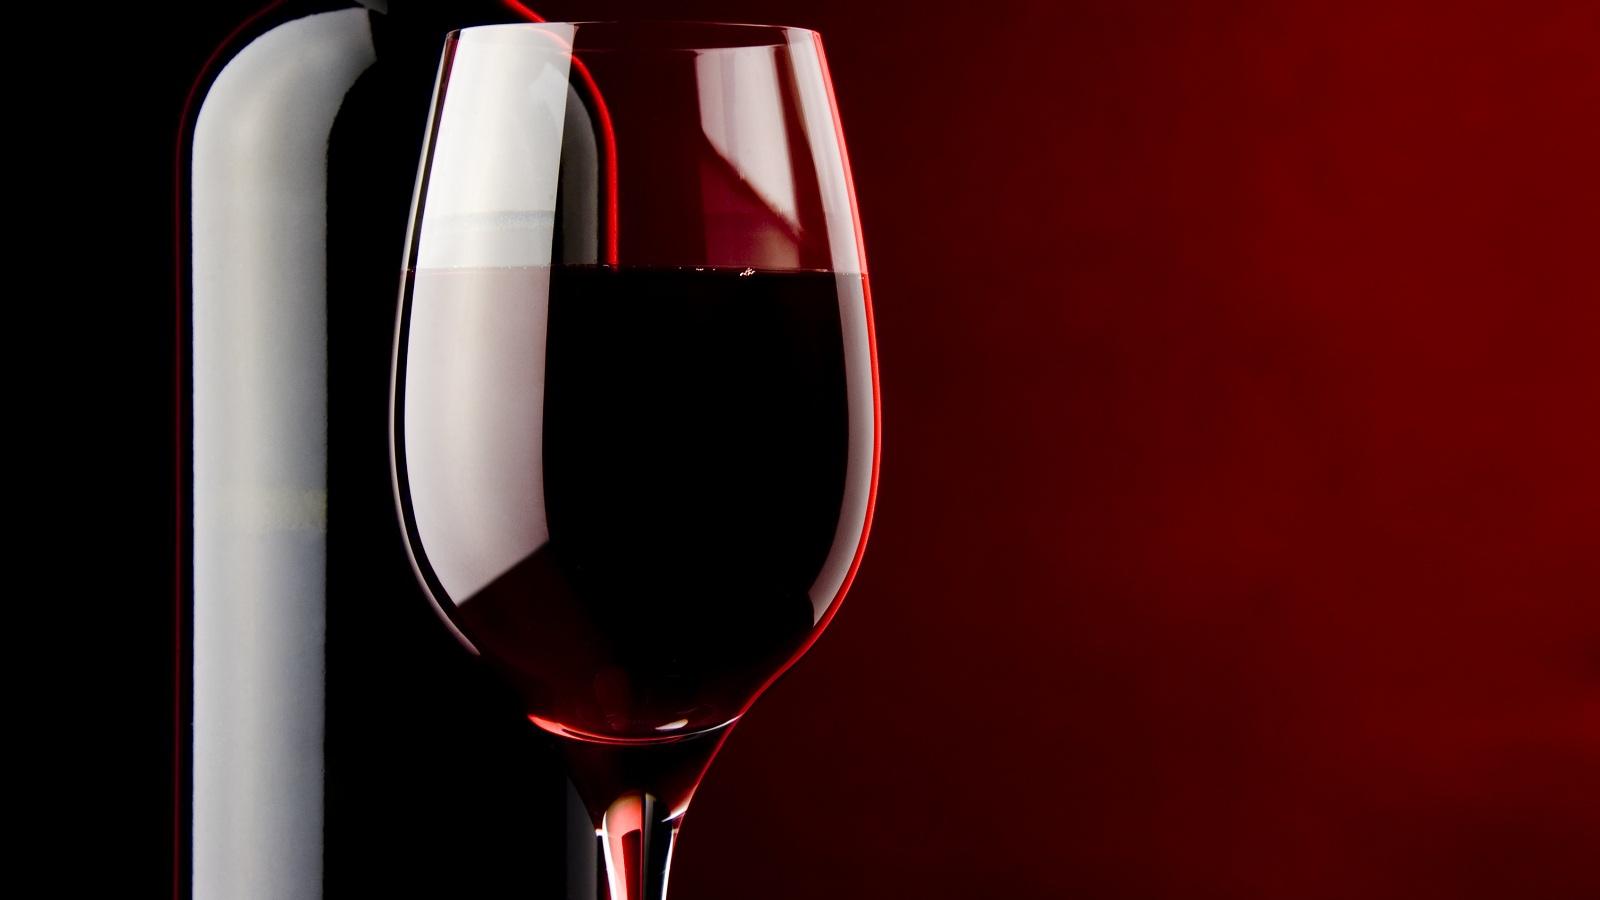 Credenza Per Vino : Vino sfatiamo nove falsi miti altroconsumo